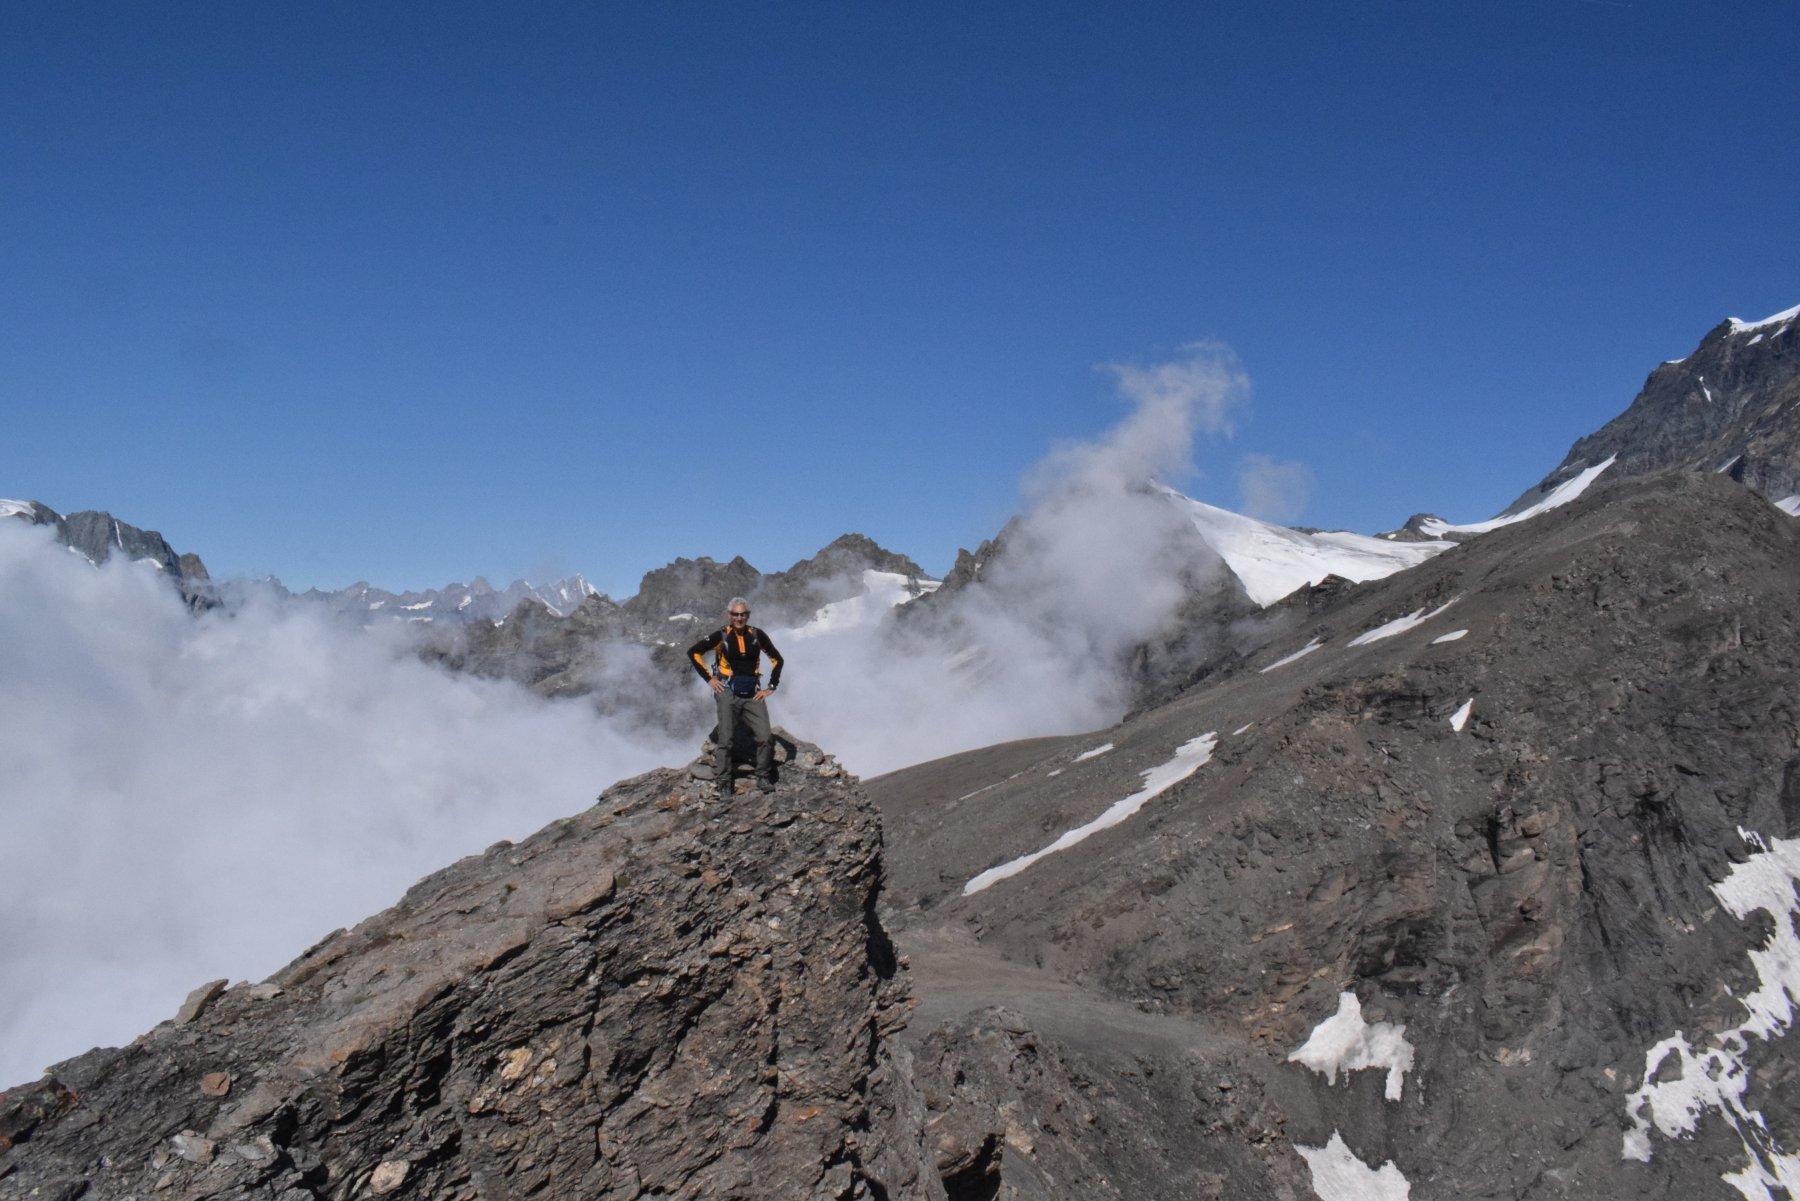 La Tete Blanche sulla destra, con la cresta di discesa verso il colle di By